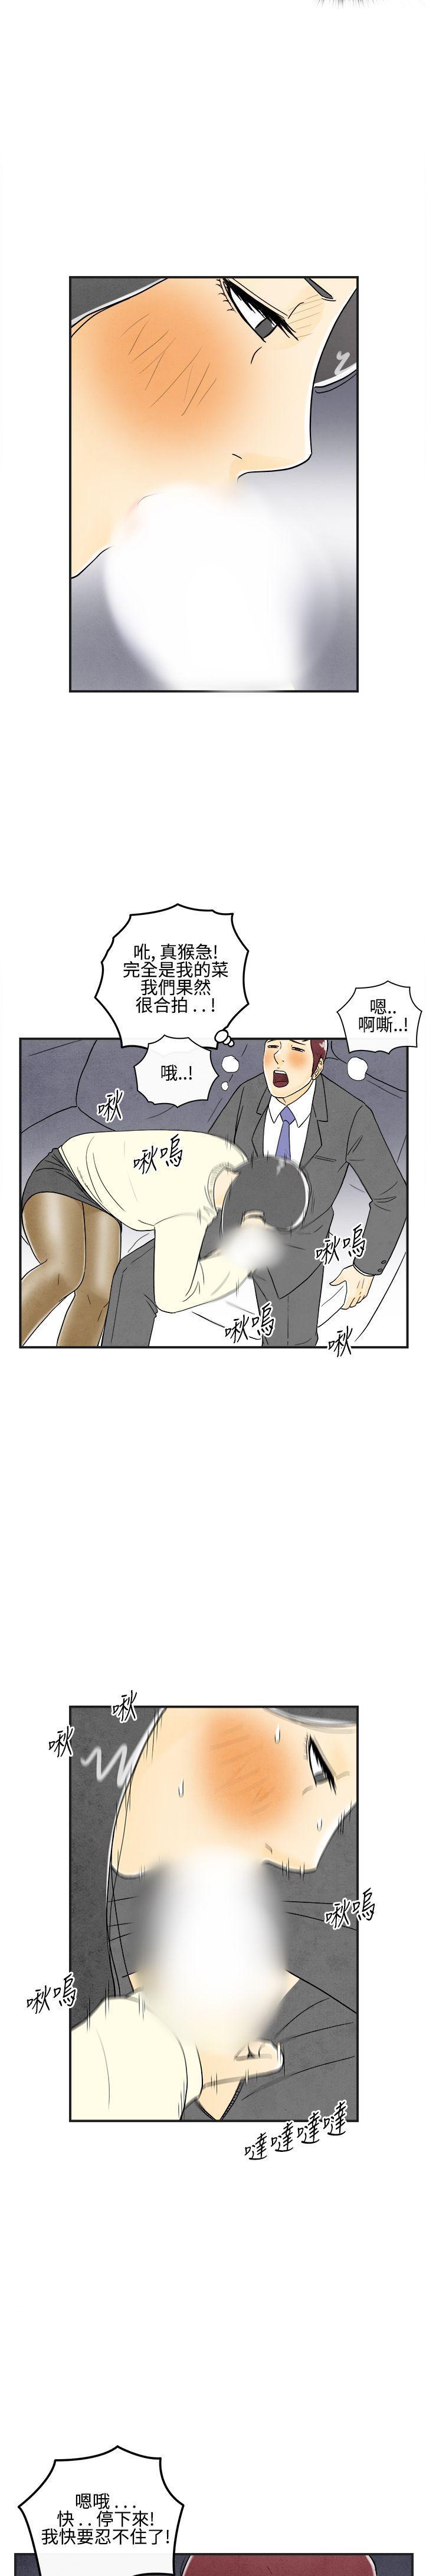 中文韩漫 离婚报告书 Ch.0-10 88